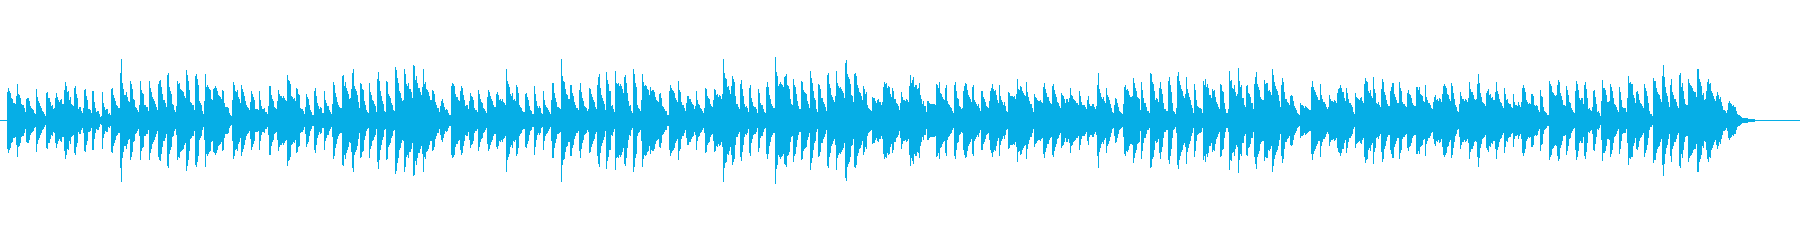 やさしいピアノ、チェルニーNo.4の再生済みの波形